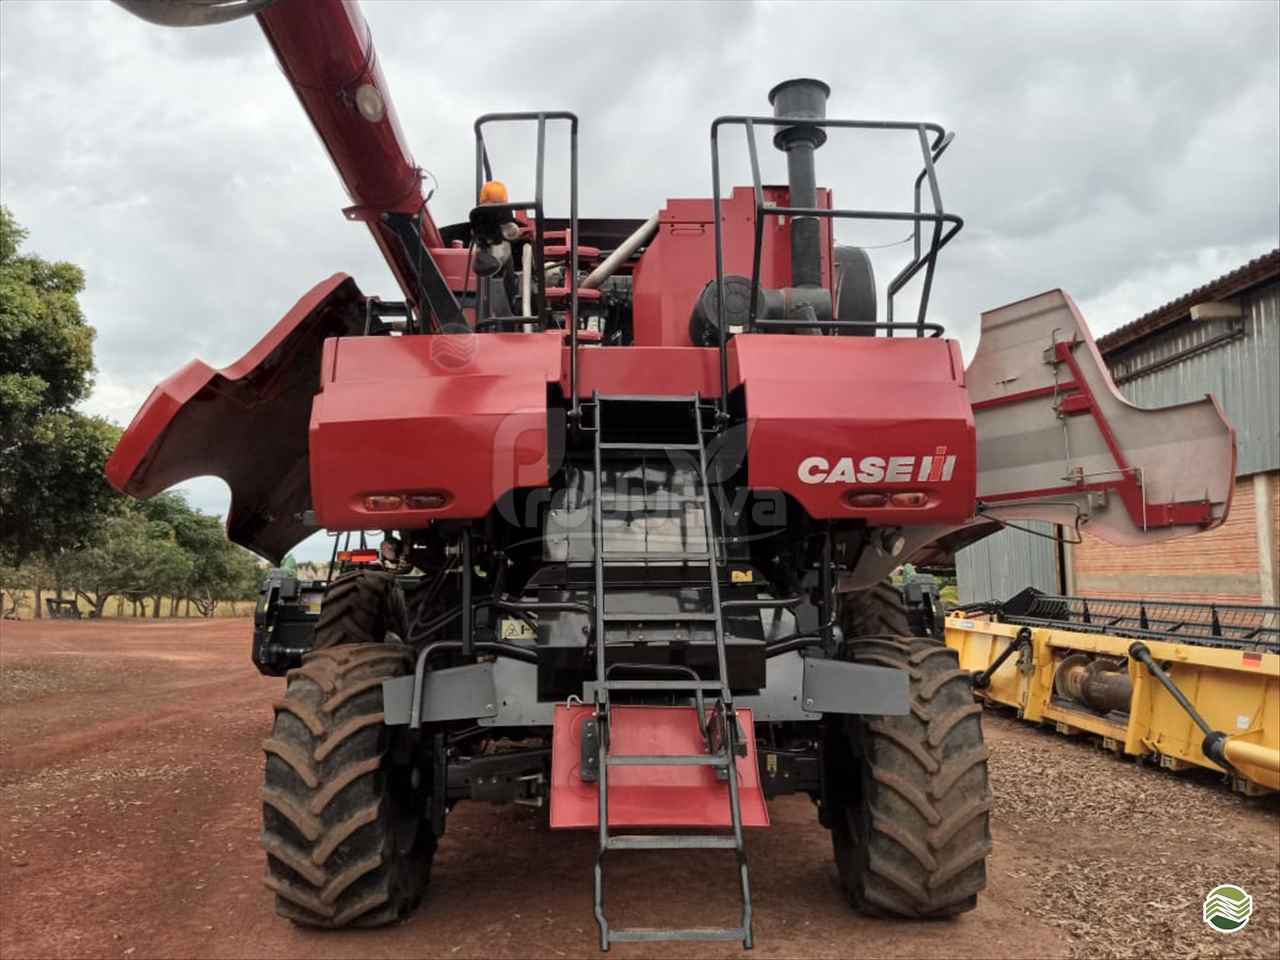 COLHEITADEIRA CASE CASE 7120 Produtiva Máquinas CAMPO VERDE MATO GROSSO MT